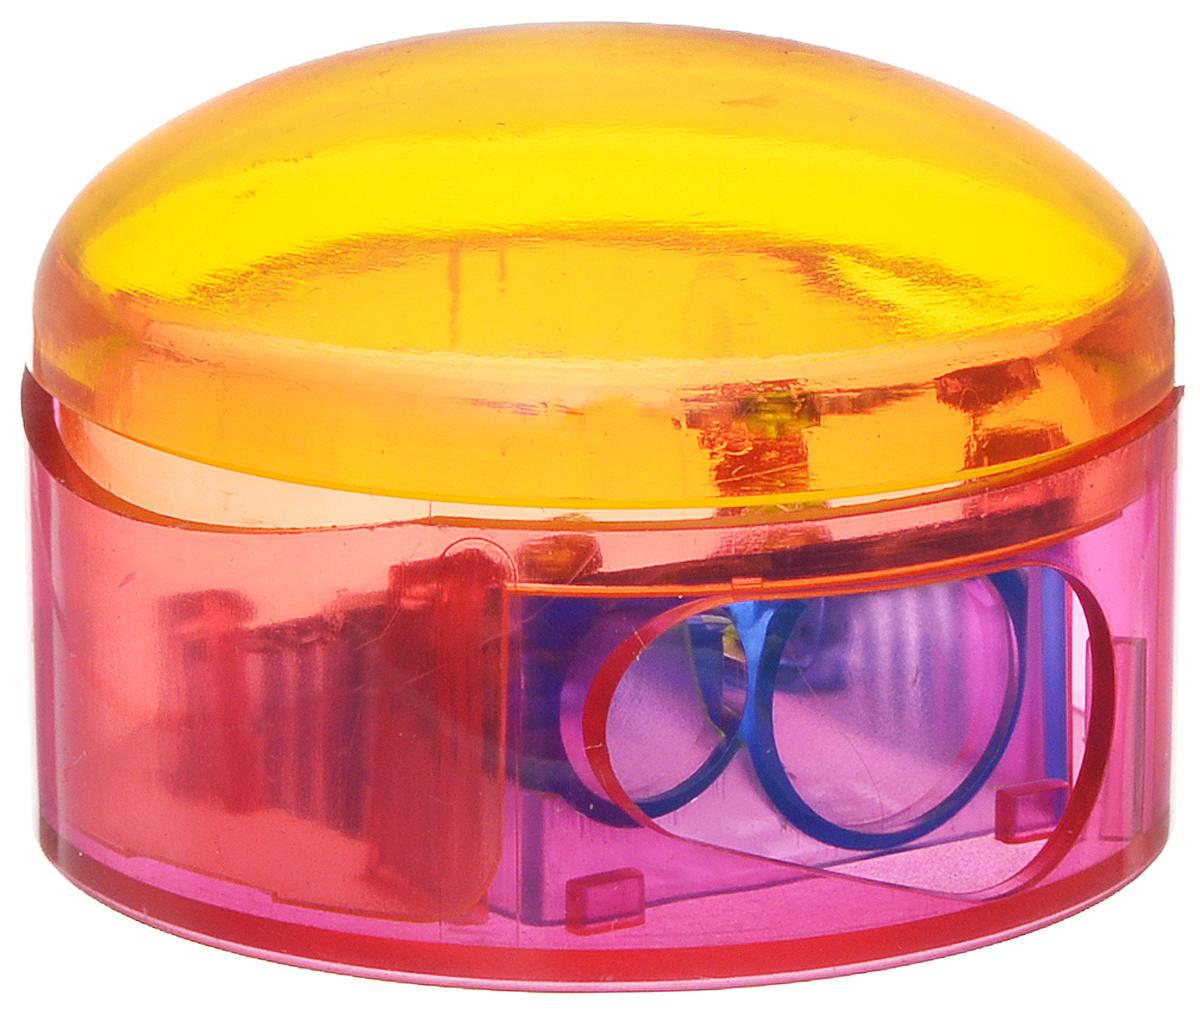 M+R Точилка Top Duo цвет оранжевый розовыйFS-54103Точилка M+R Top Duo выполнена из прочного пластика.В точилке имеются два отверстия для карандашей разного диаметра. Точилка подходит для различных видов карандашей. При повороте пластикового контейнера, отверстия закрываются.Полупрозрачный контейнер для сбора стружки позволяет визуально контролировать уровень заполнения и вовремя производить очистку.